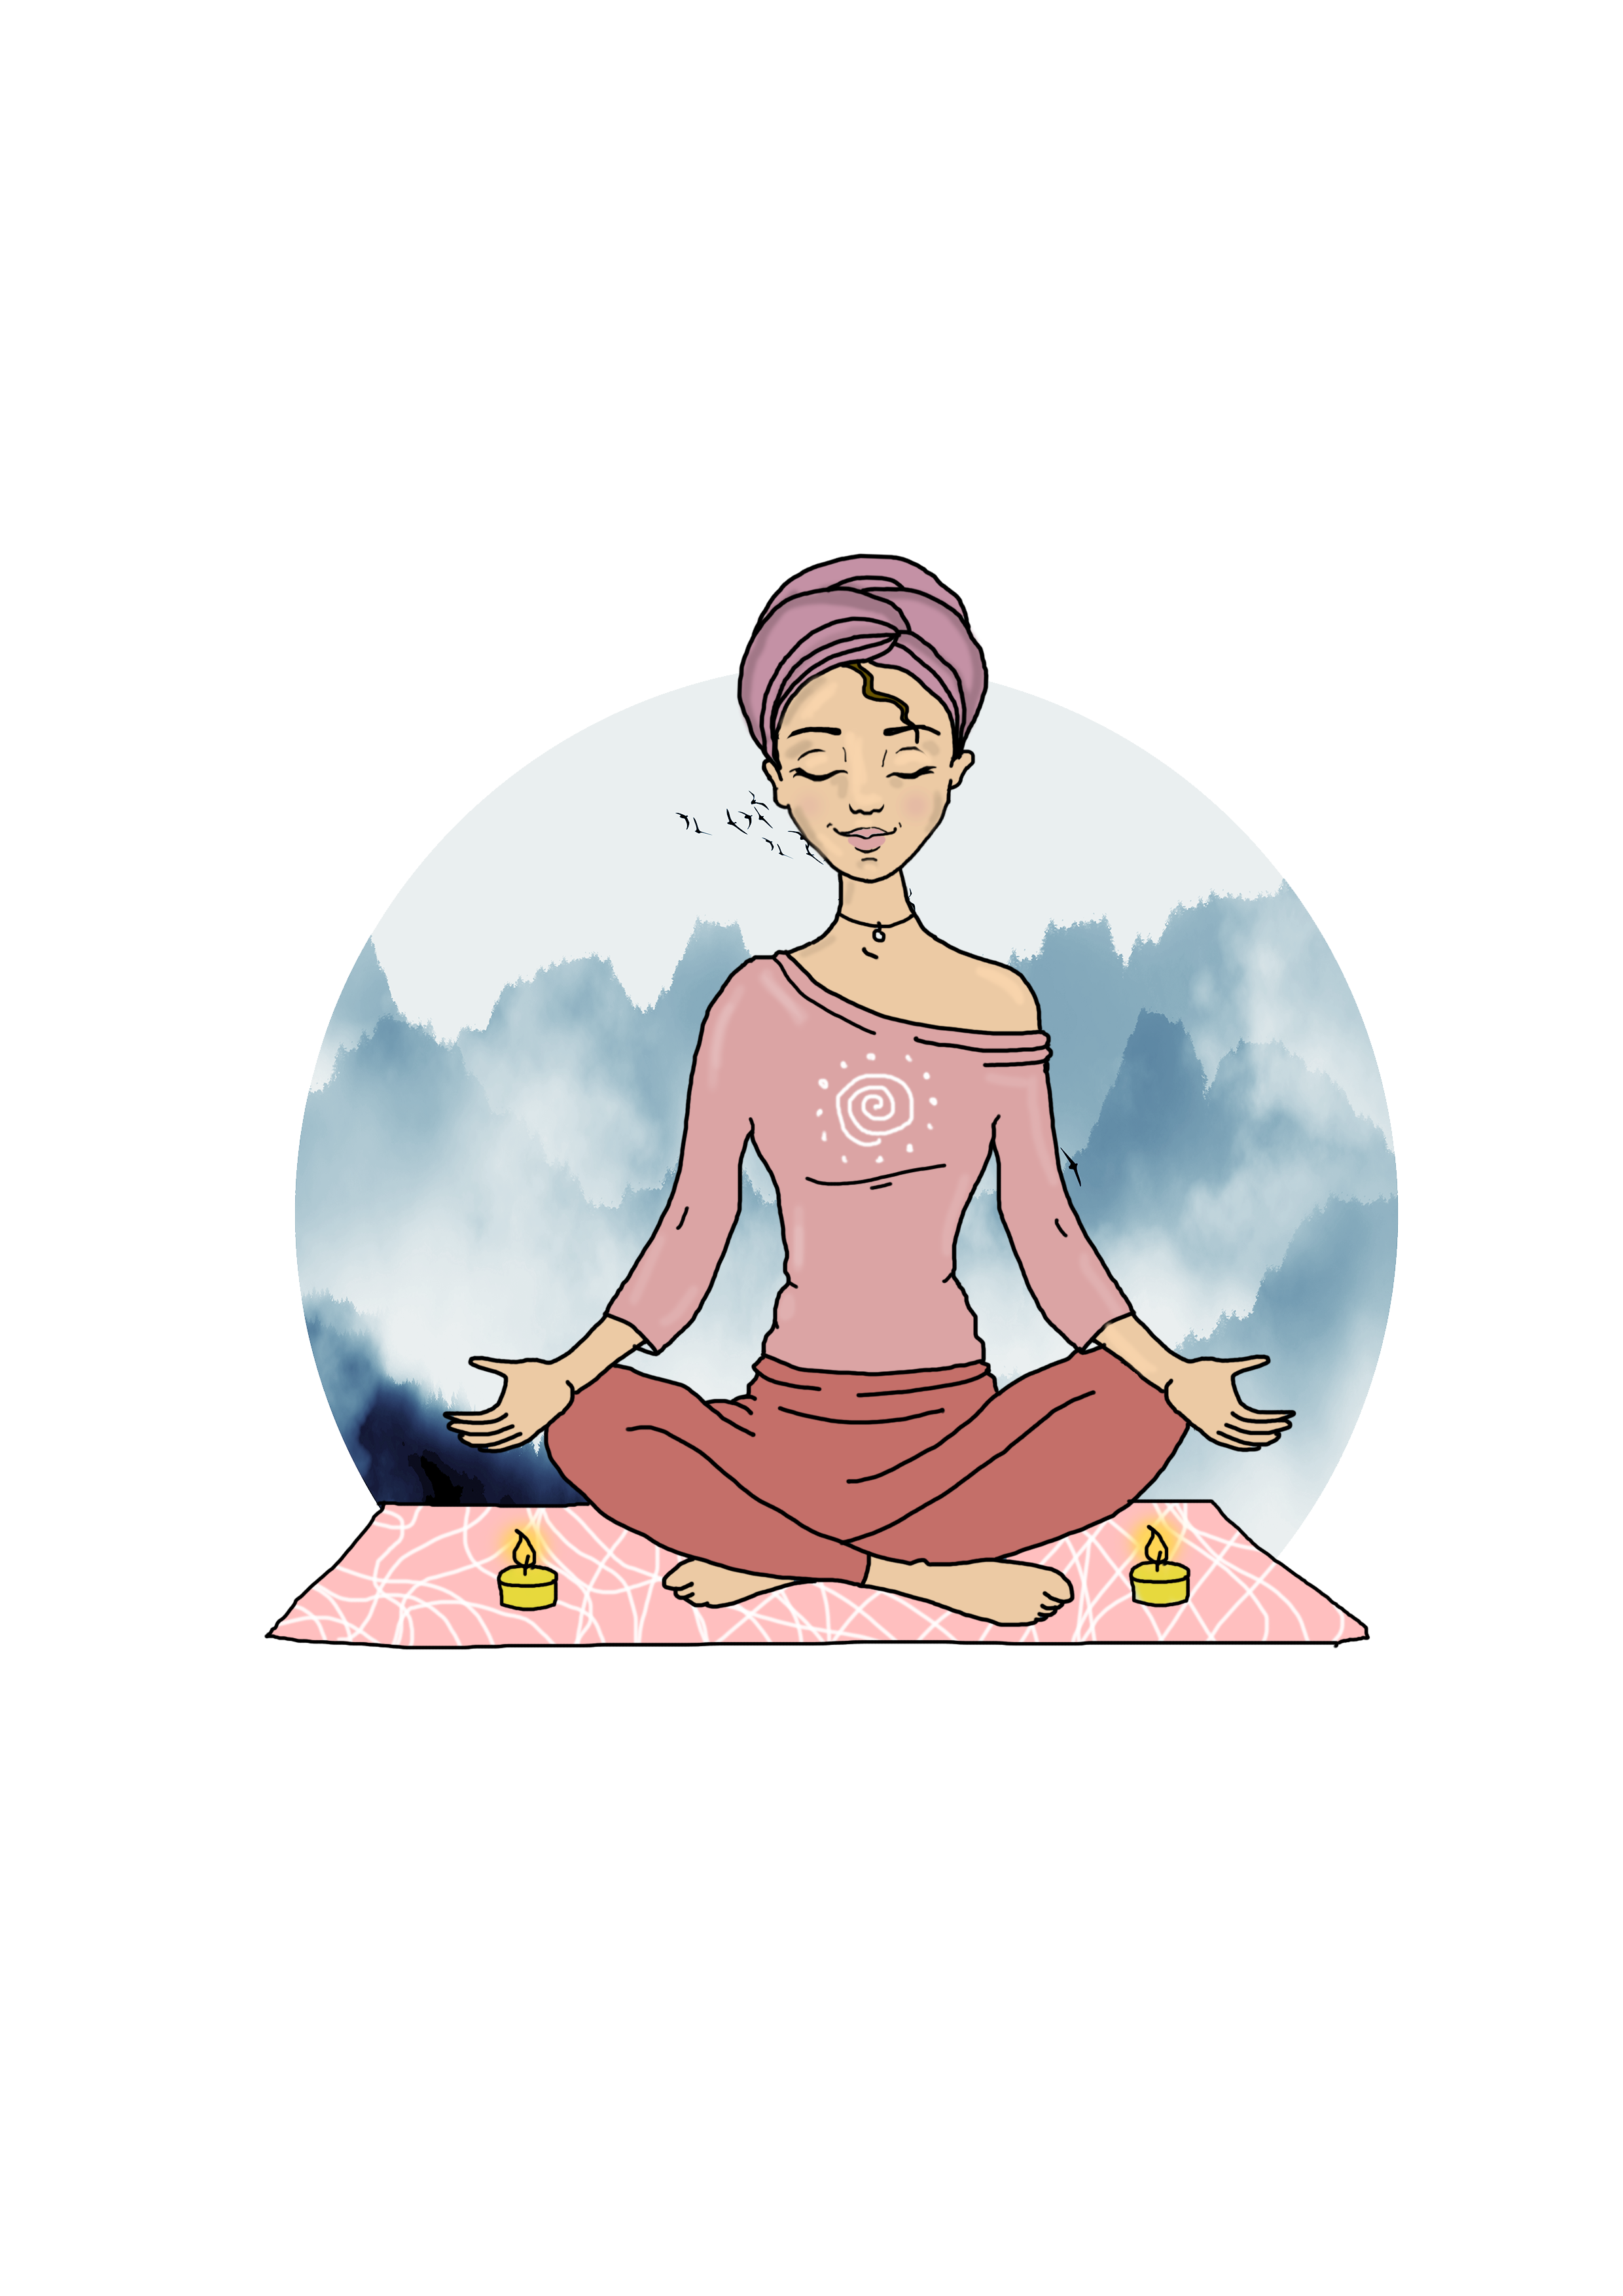 Комлекс упражнения йоги направленные на увеличение сексуальной энергии